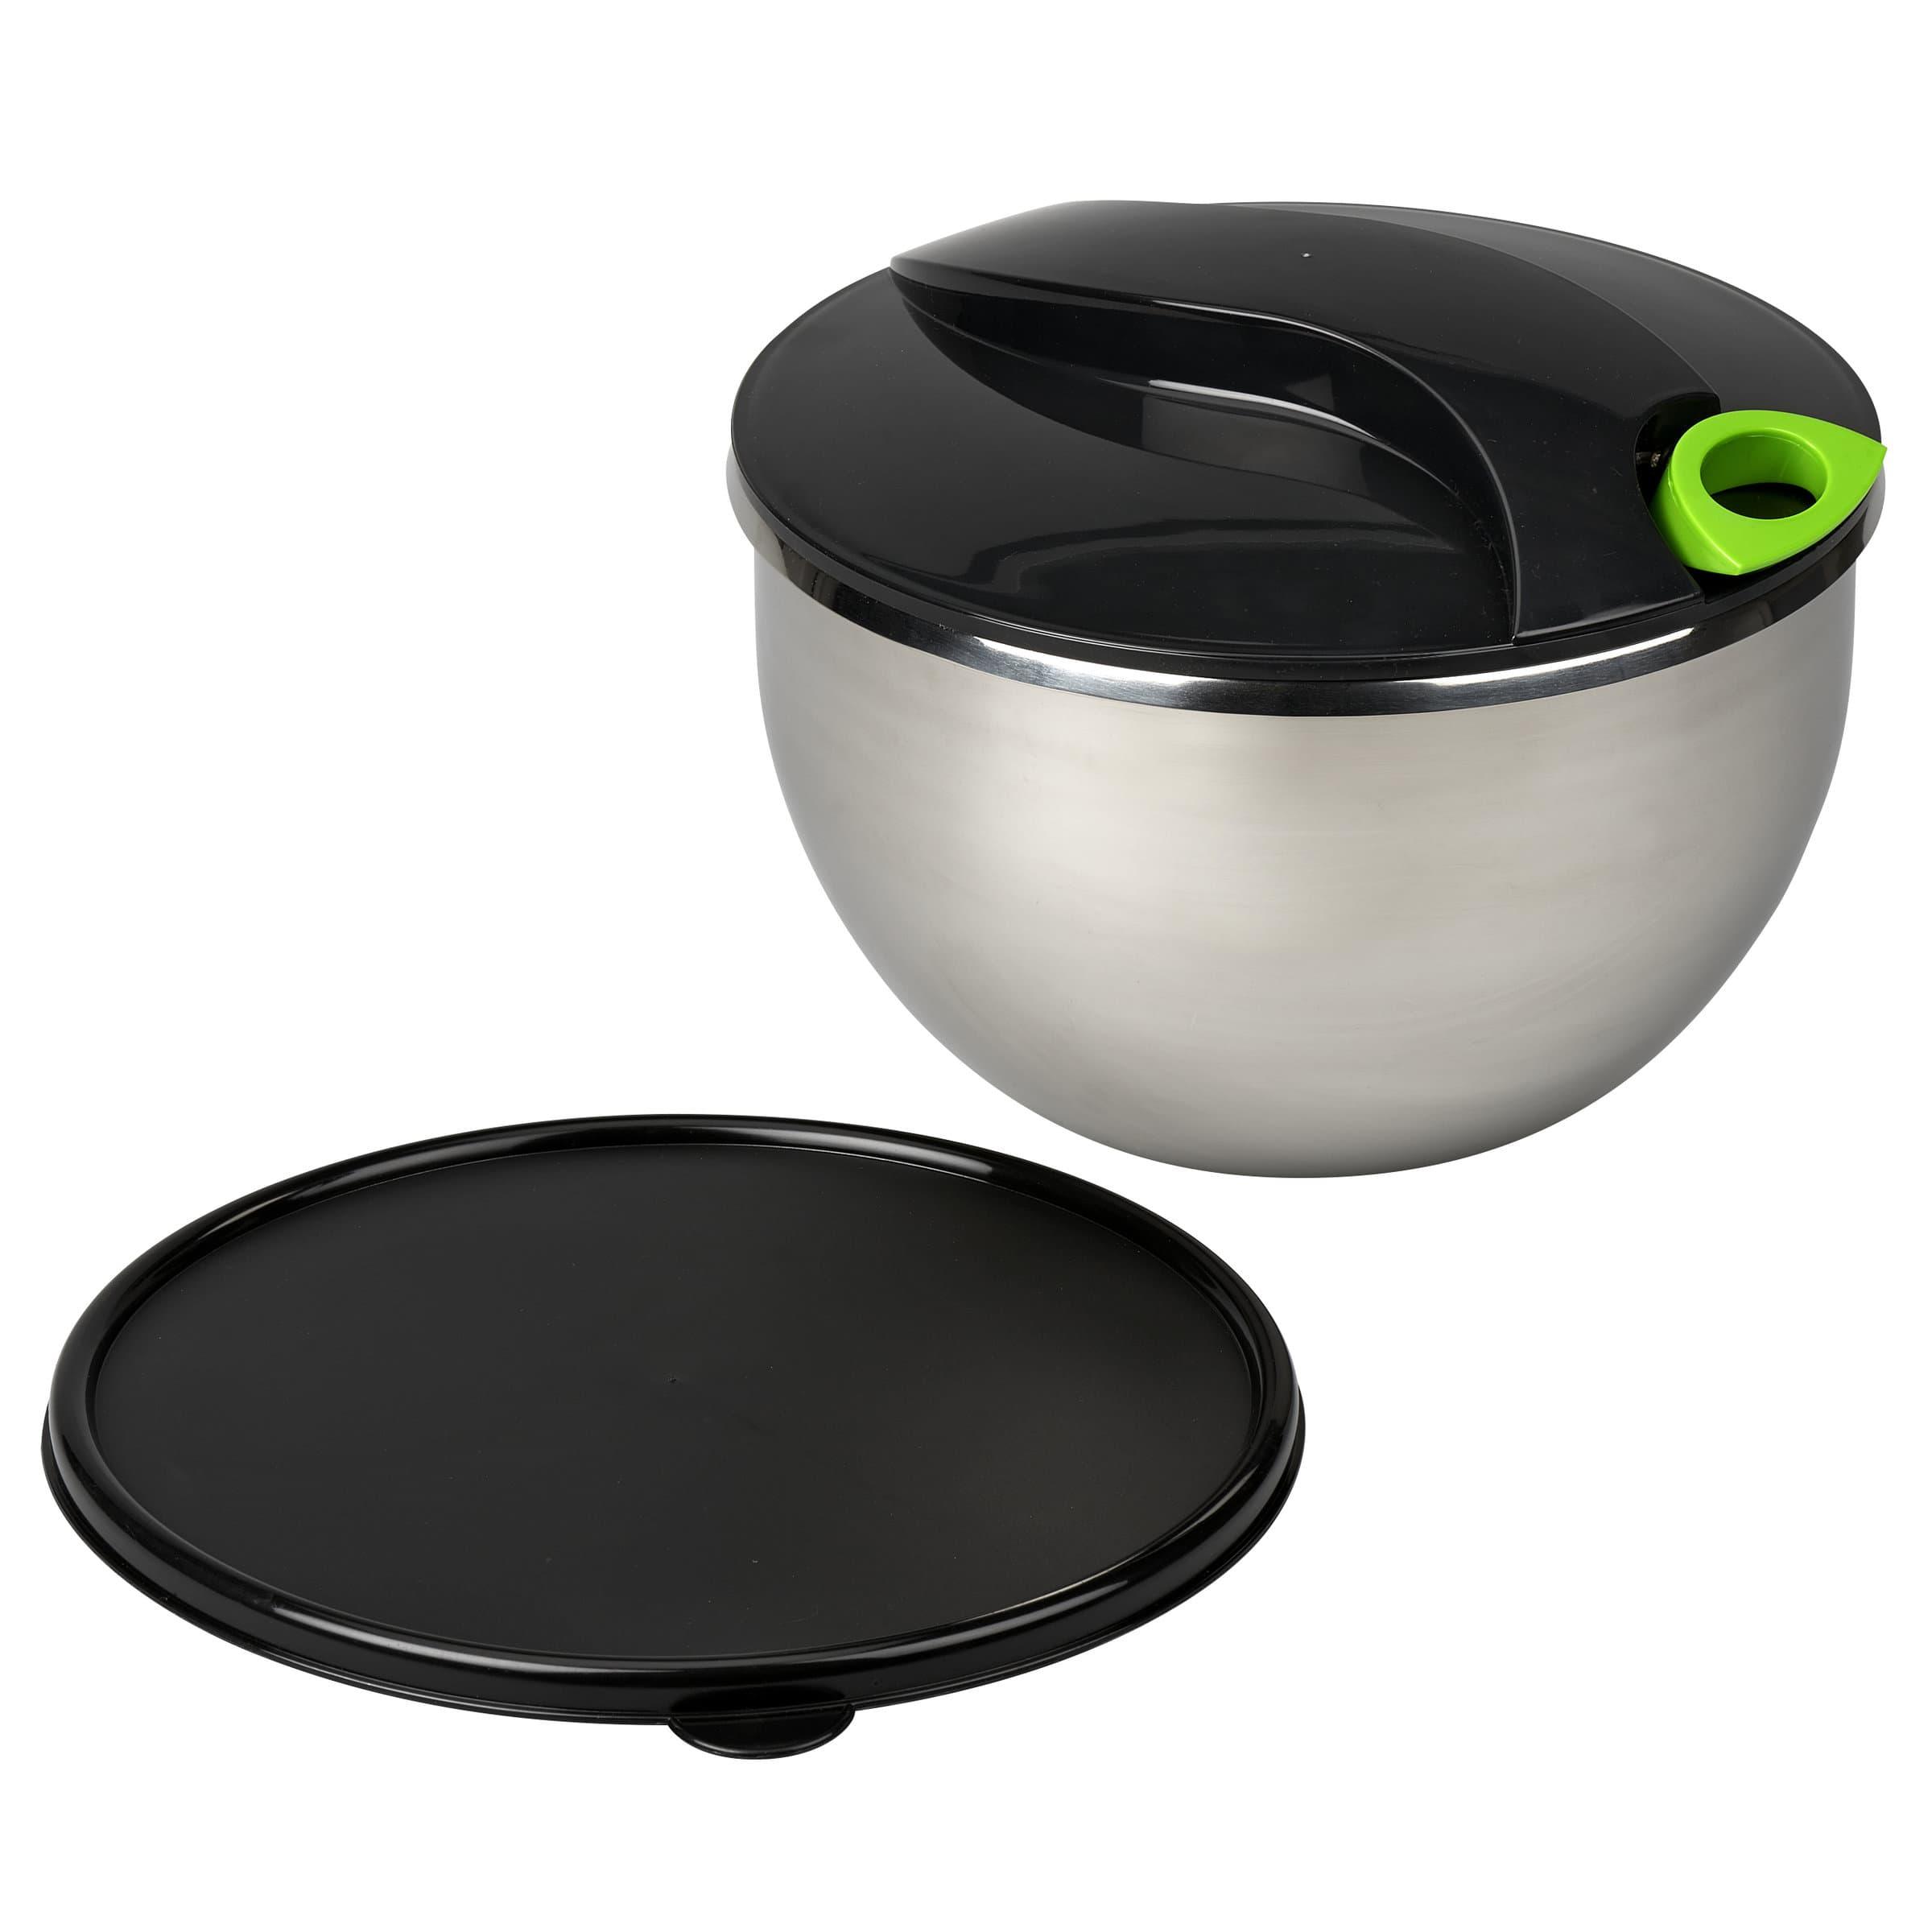 Cucina & Tavola Centrifuga per insalata